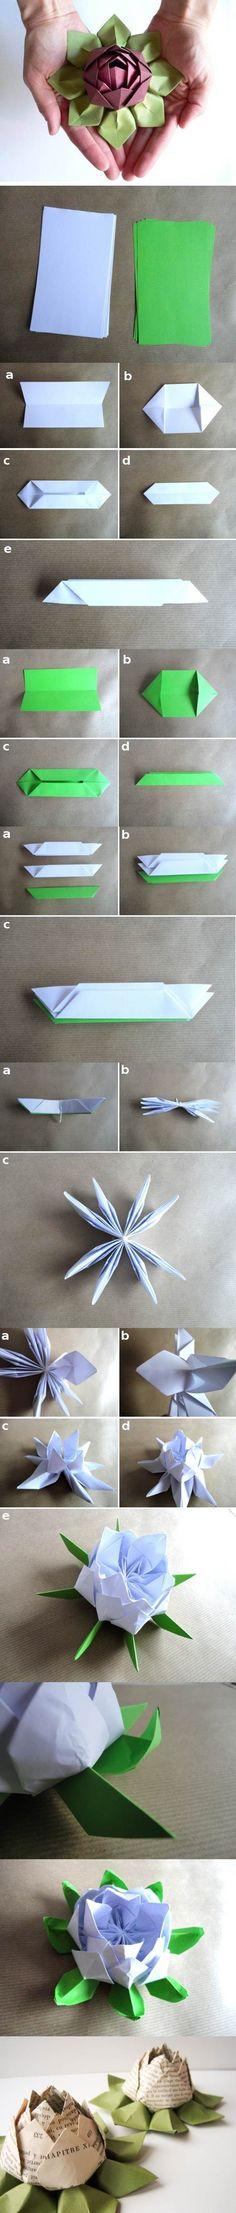 Flor de origami                                                                                                                                                     Más